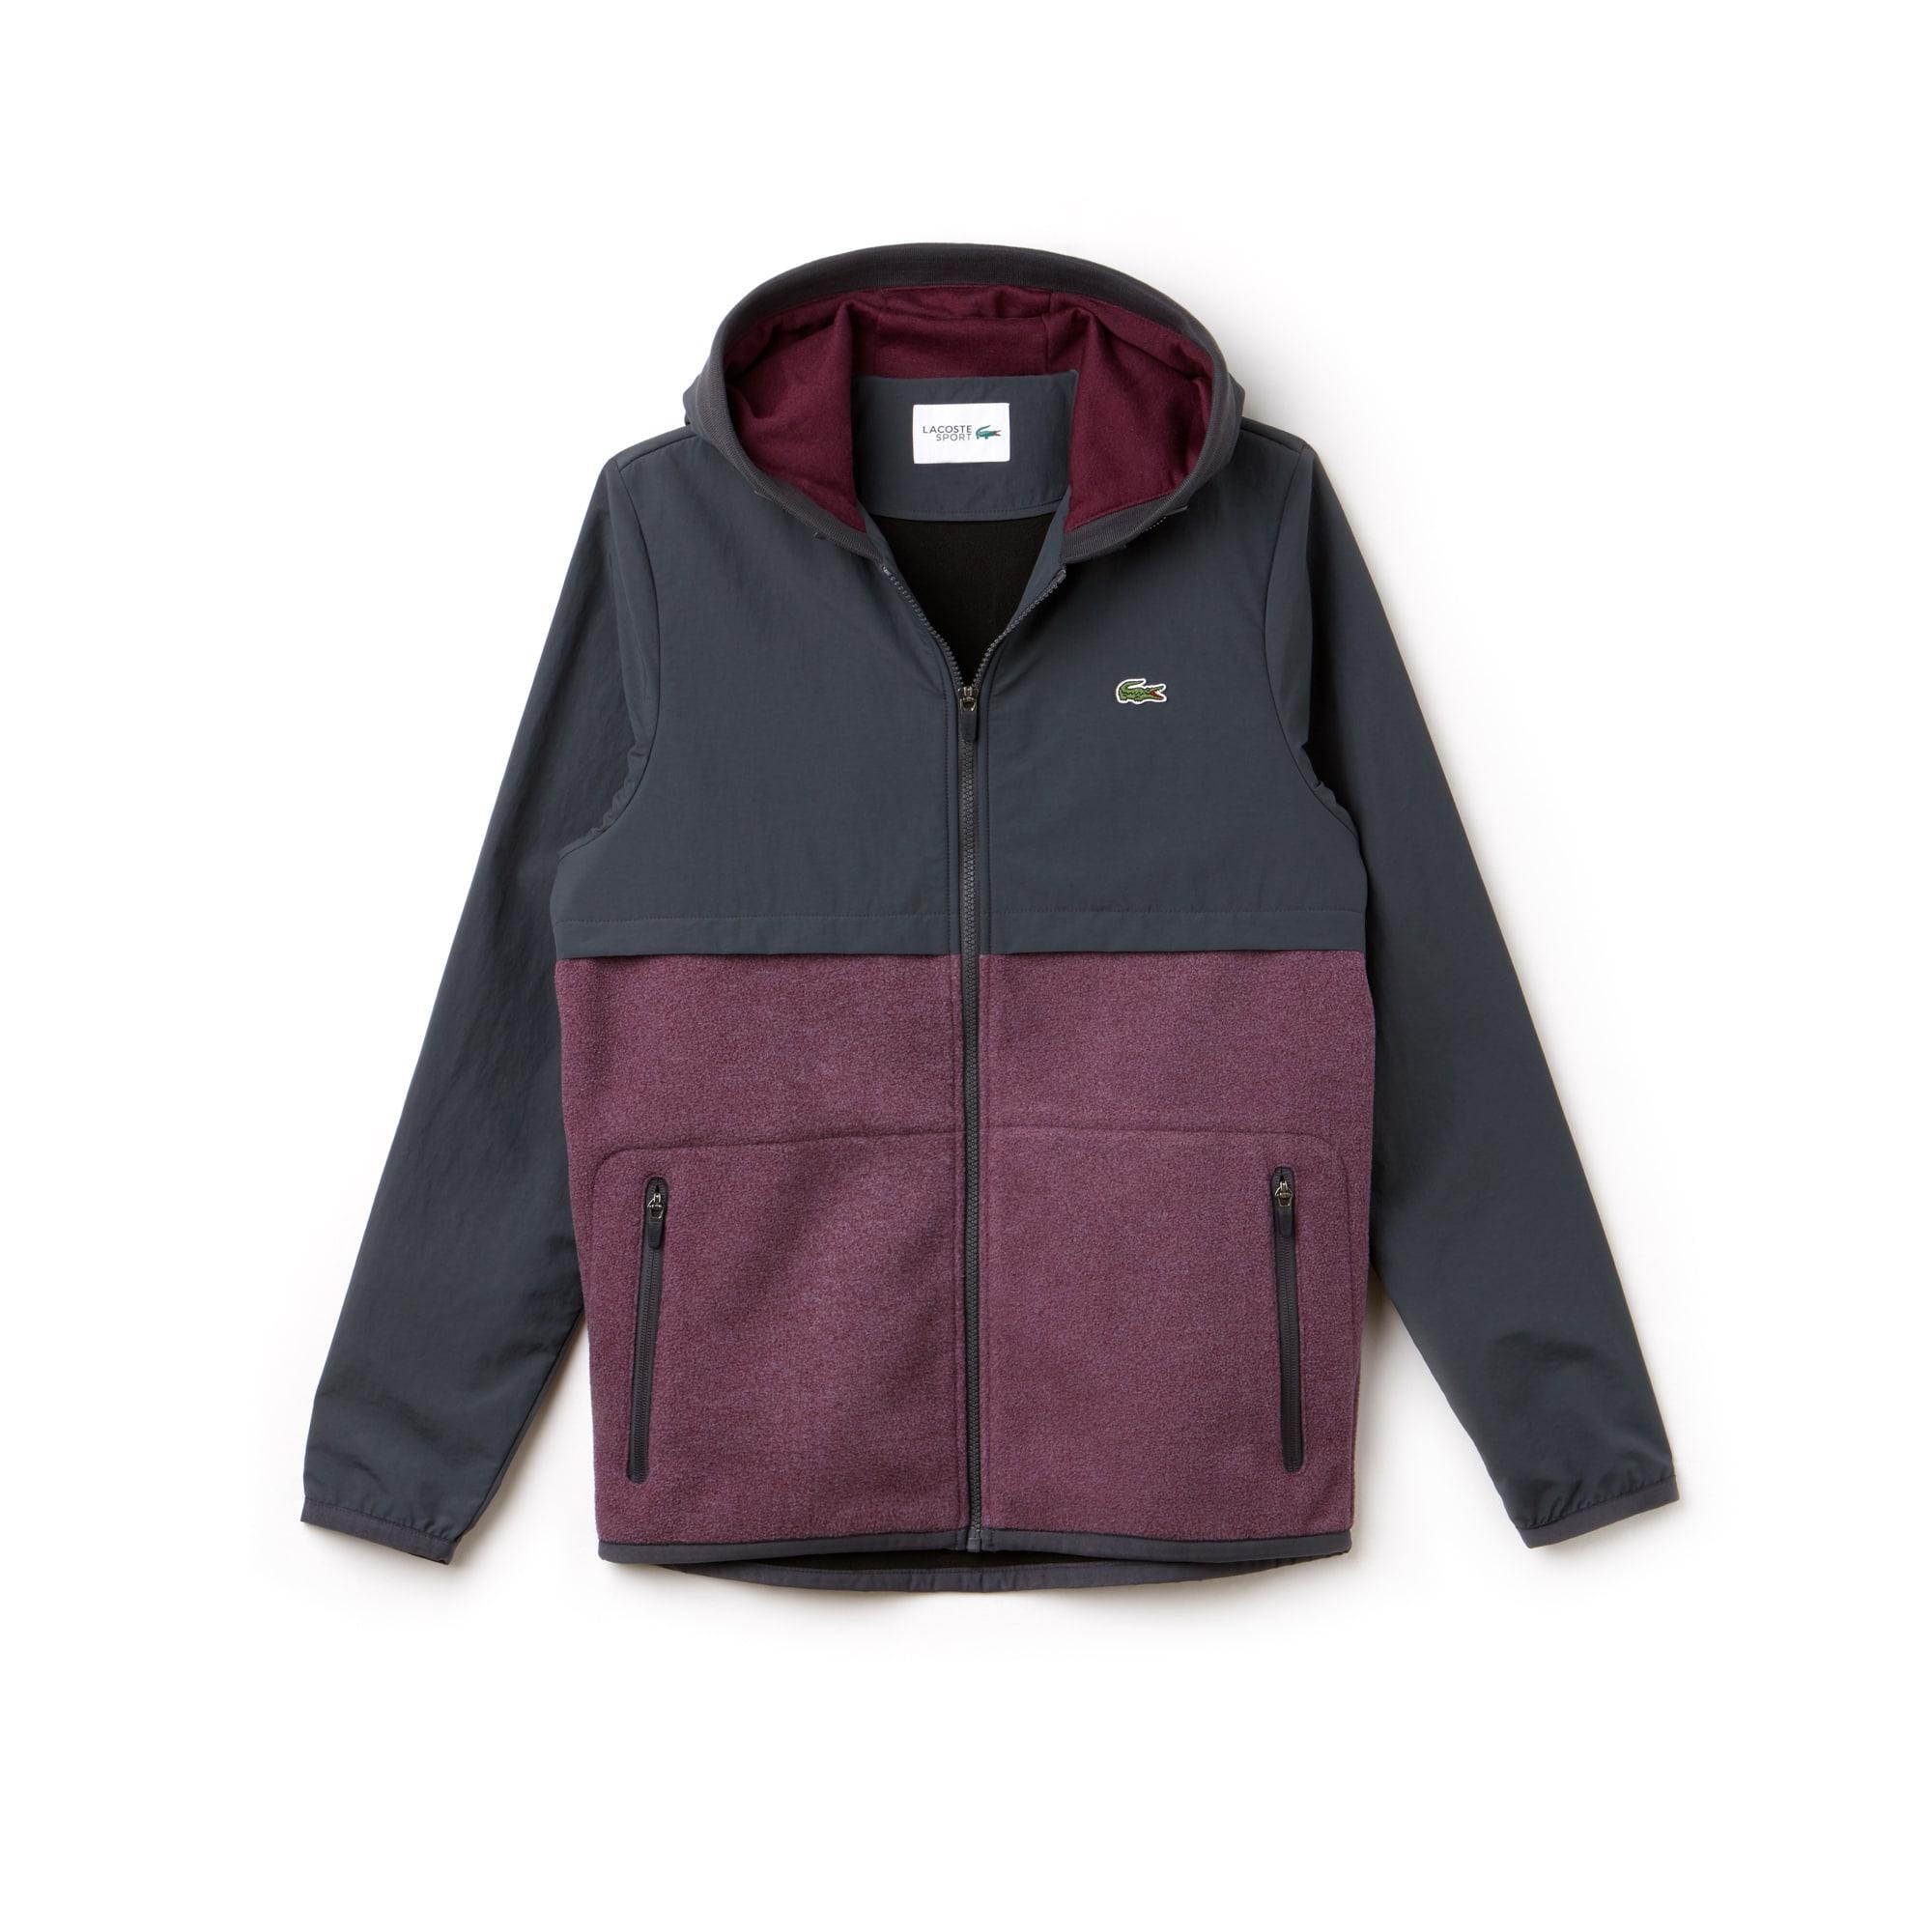 라코스테 Lacoste Mens SPORT Hooded Bi-Material Colorblock Tennis Jacket,graphite/blackberry chine